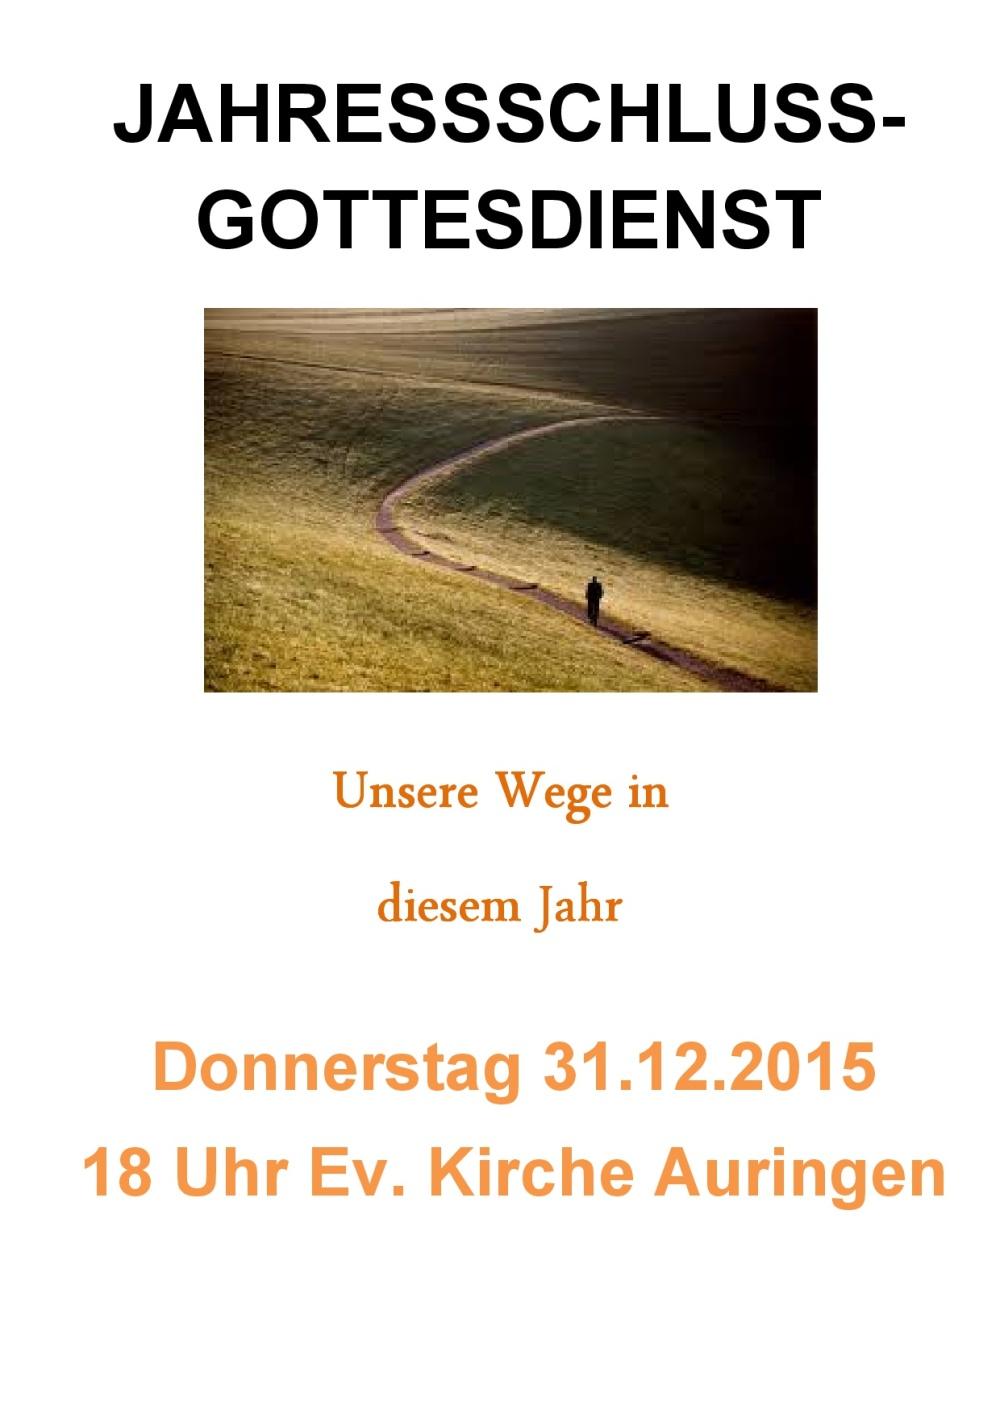 2015-12-31 Plakat Jahresschlussgottesdienst-001